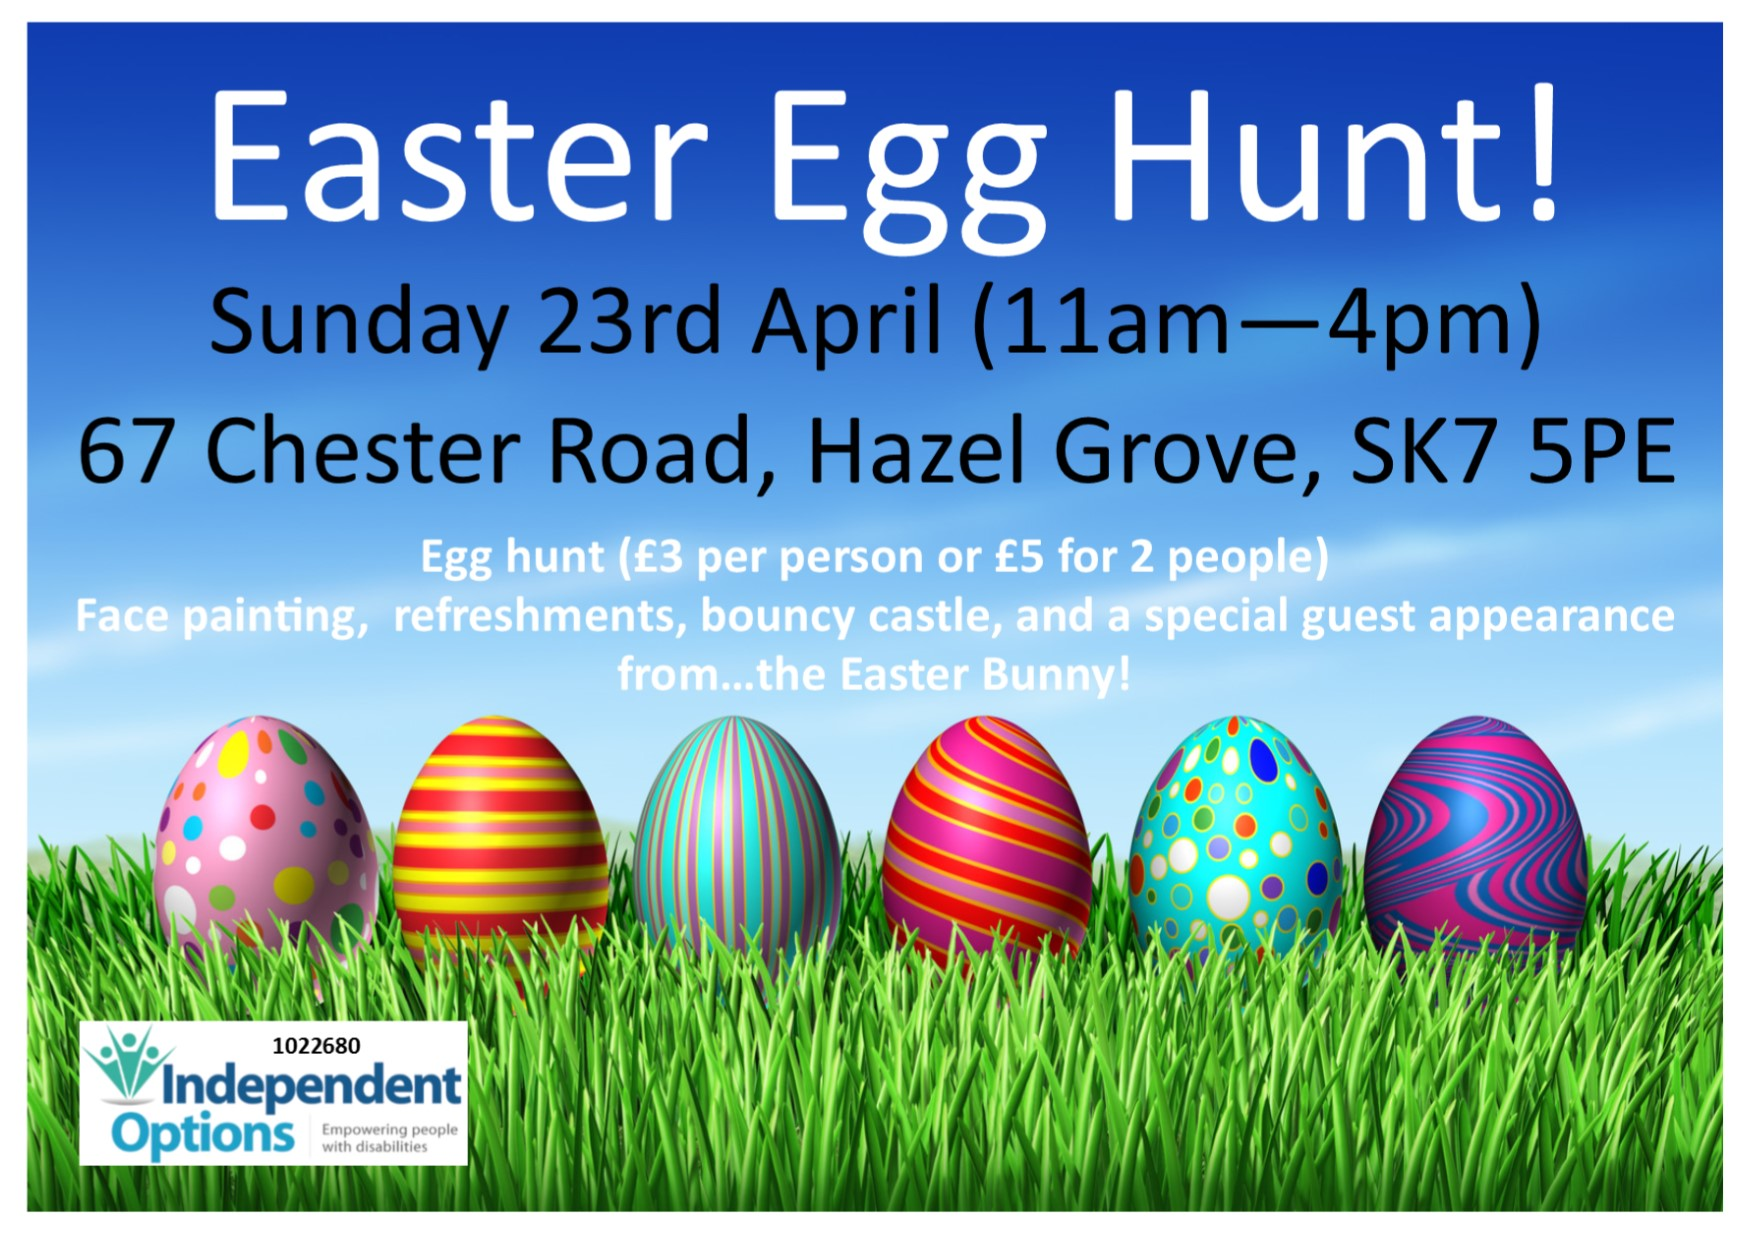 Roller skating hazel grove - Independent Options Easter Egg Hunt